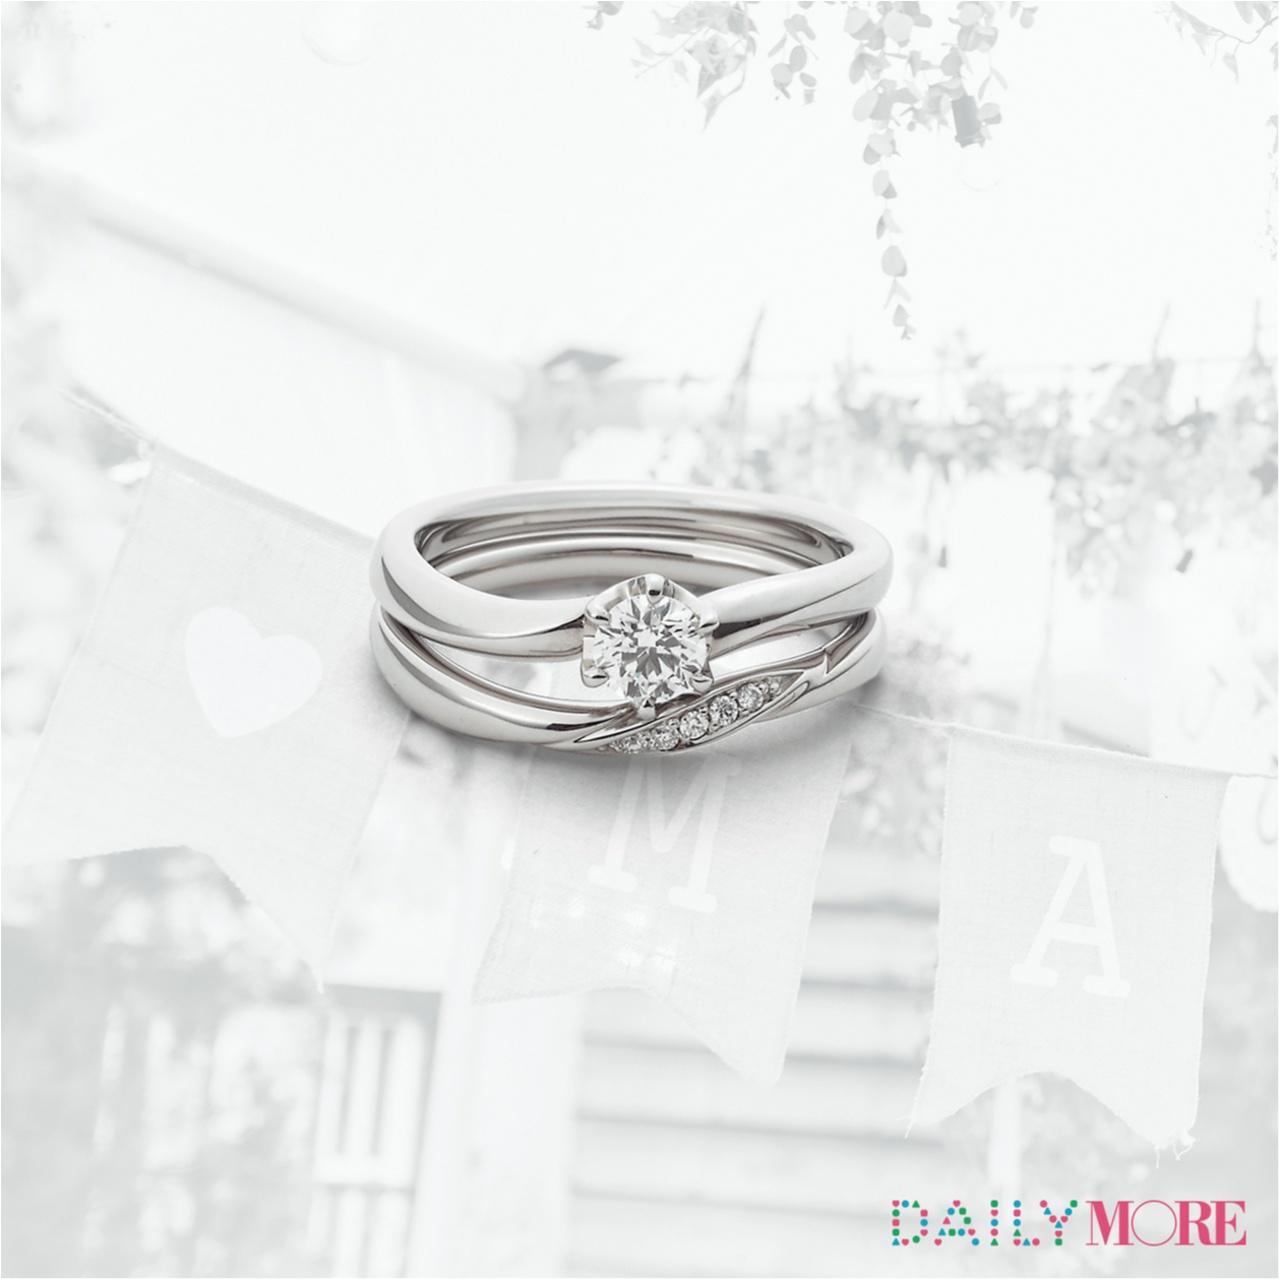 この指輪でプロポーズされたい! アラウンド27歳のためのおすすめエンゲージリング3選_1